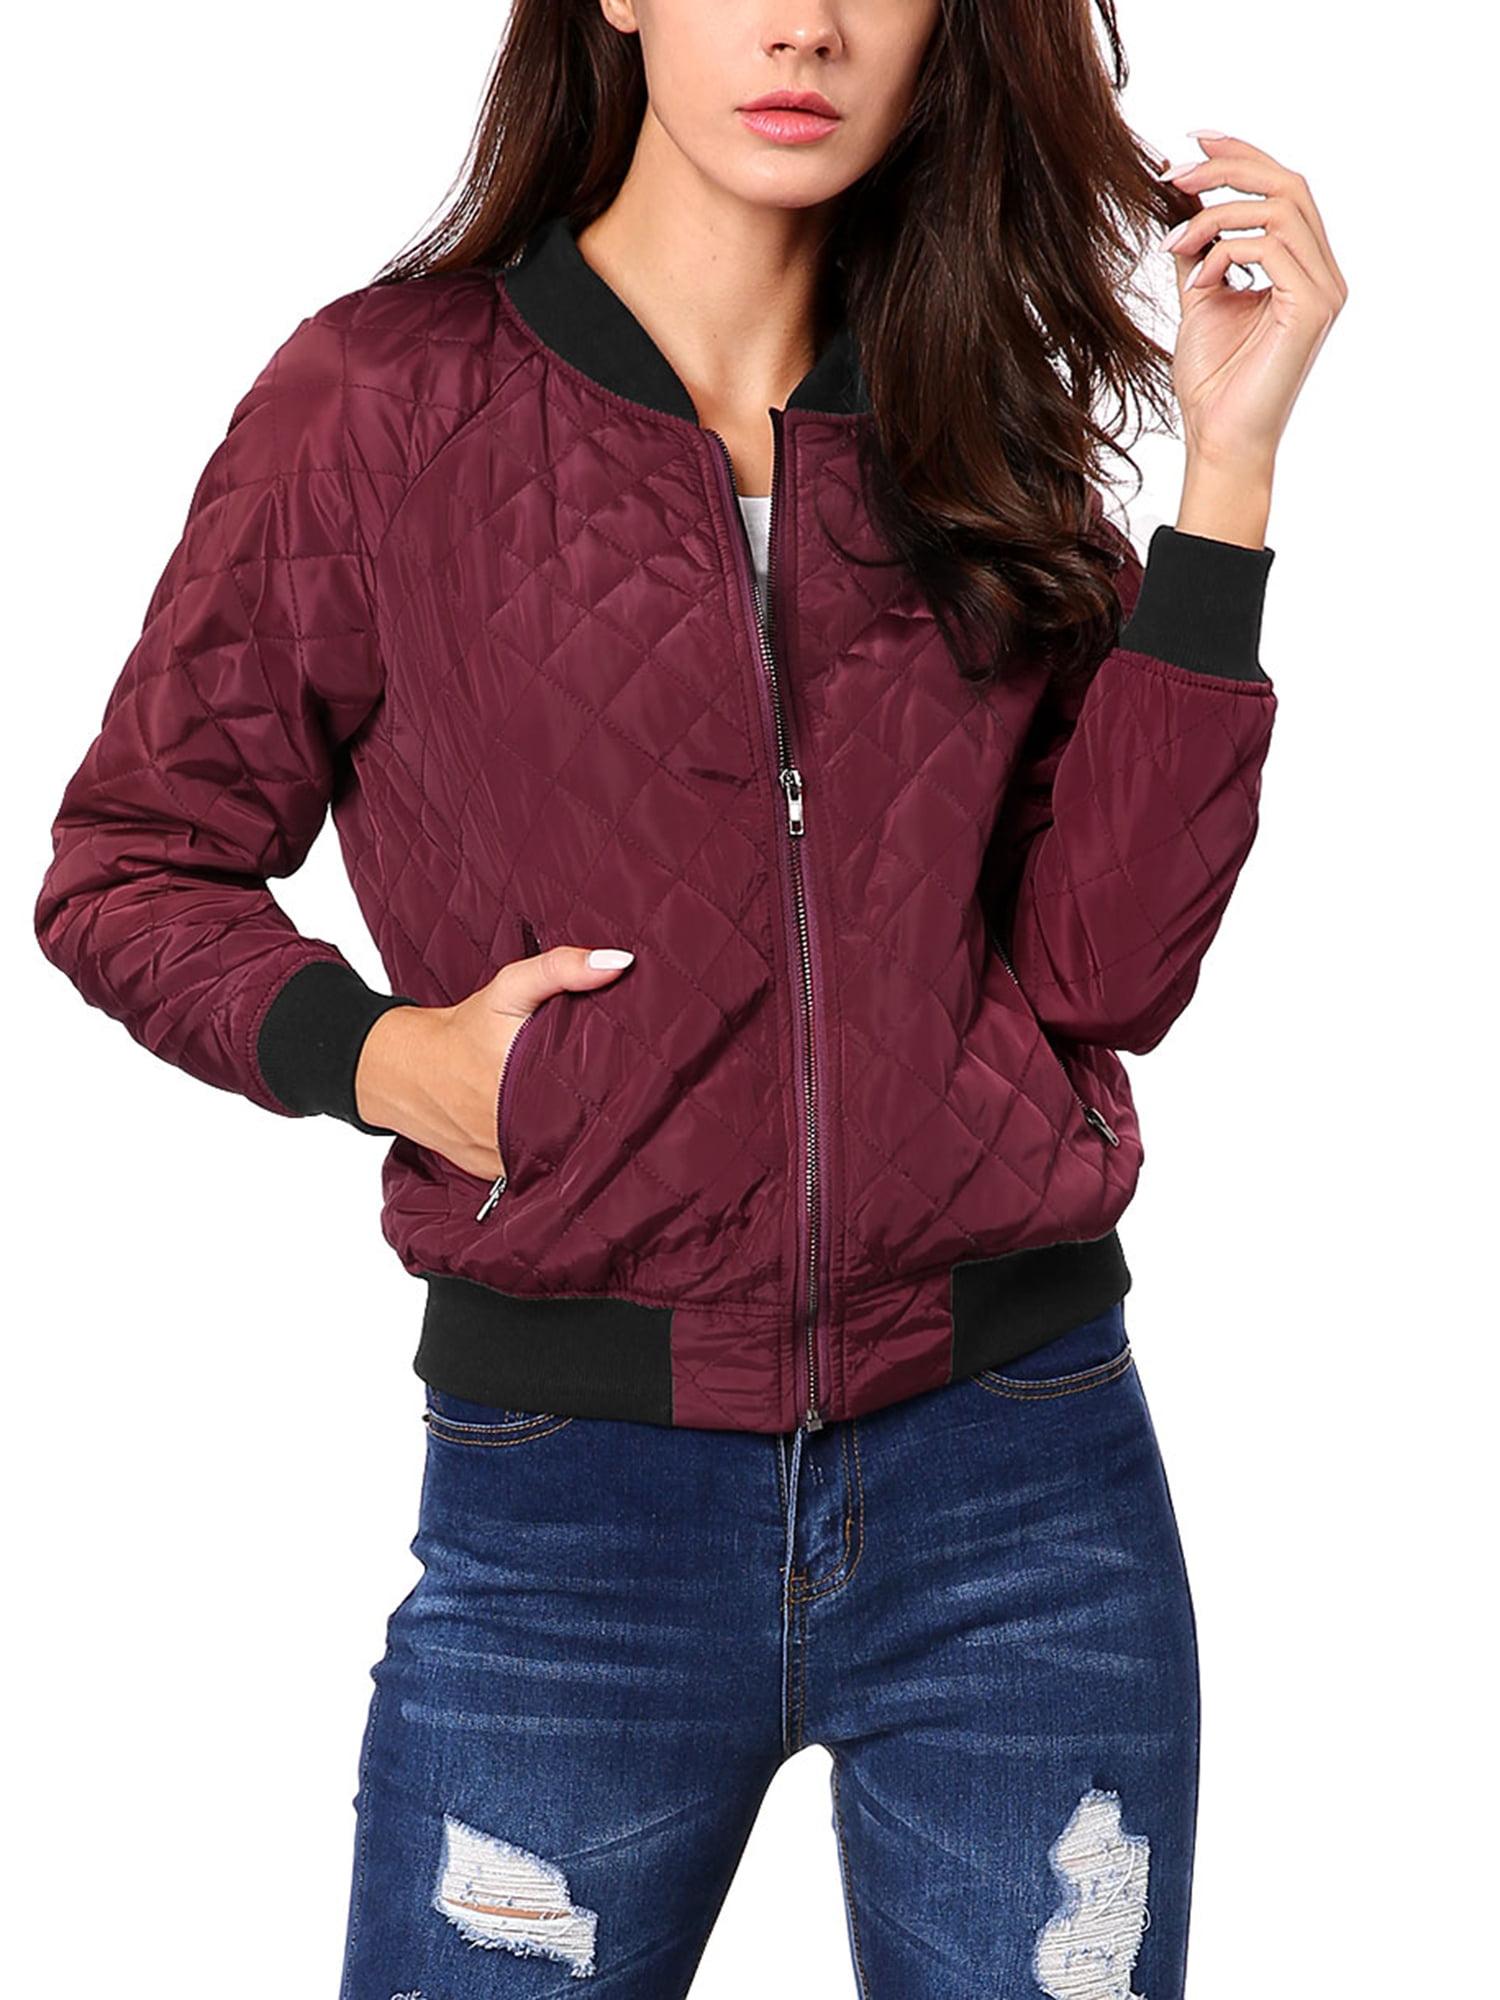 Allegra K - Allegra K Women's Quilted Jackets Stand Collar Zip Up Raglan  Sleeves Bomber Jacket - Walmart.com - Walmart.com